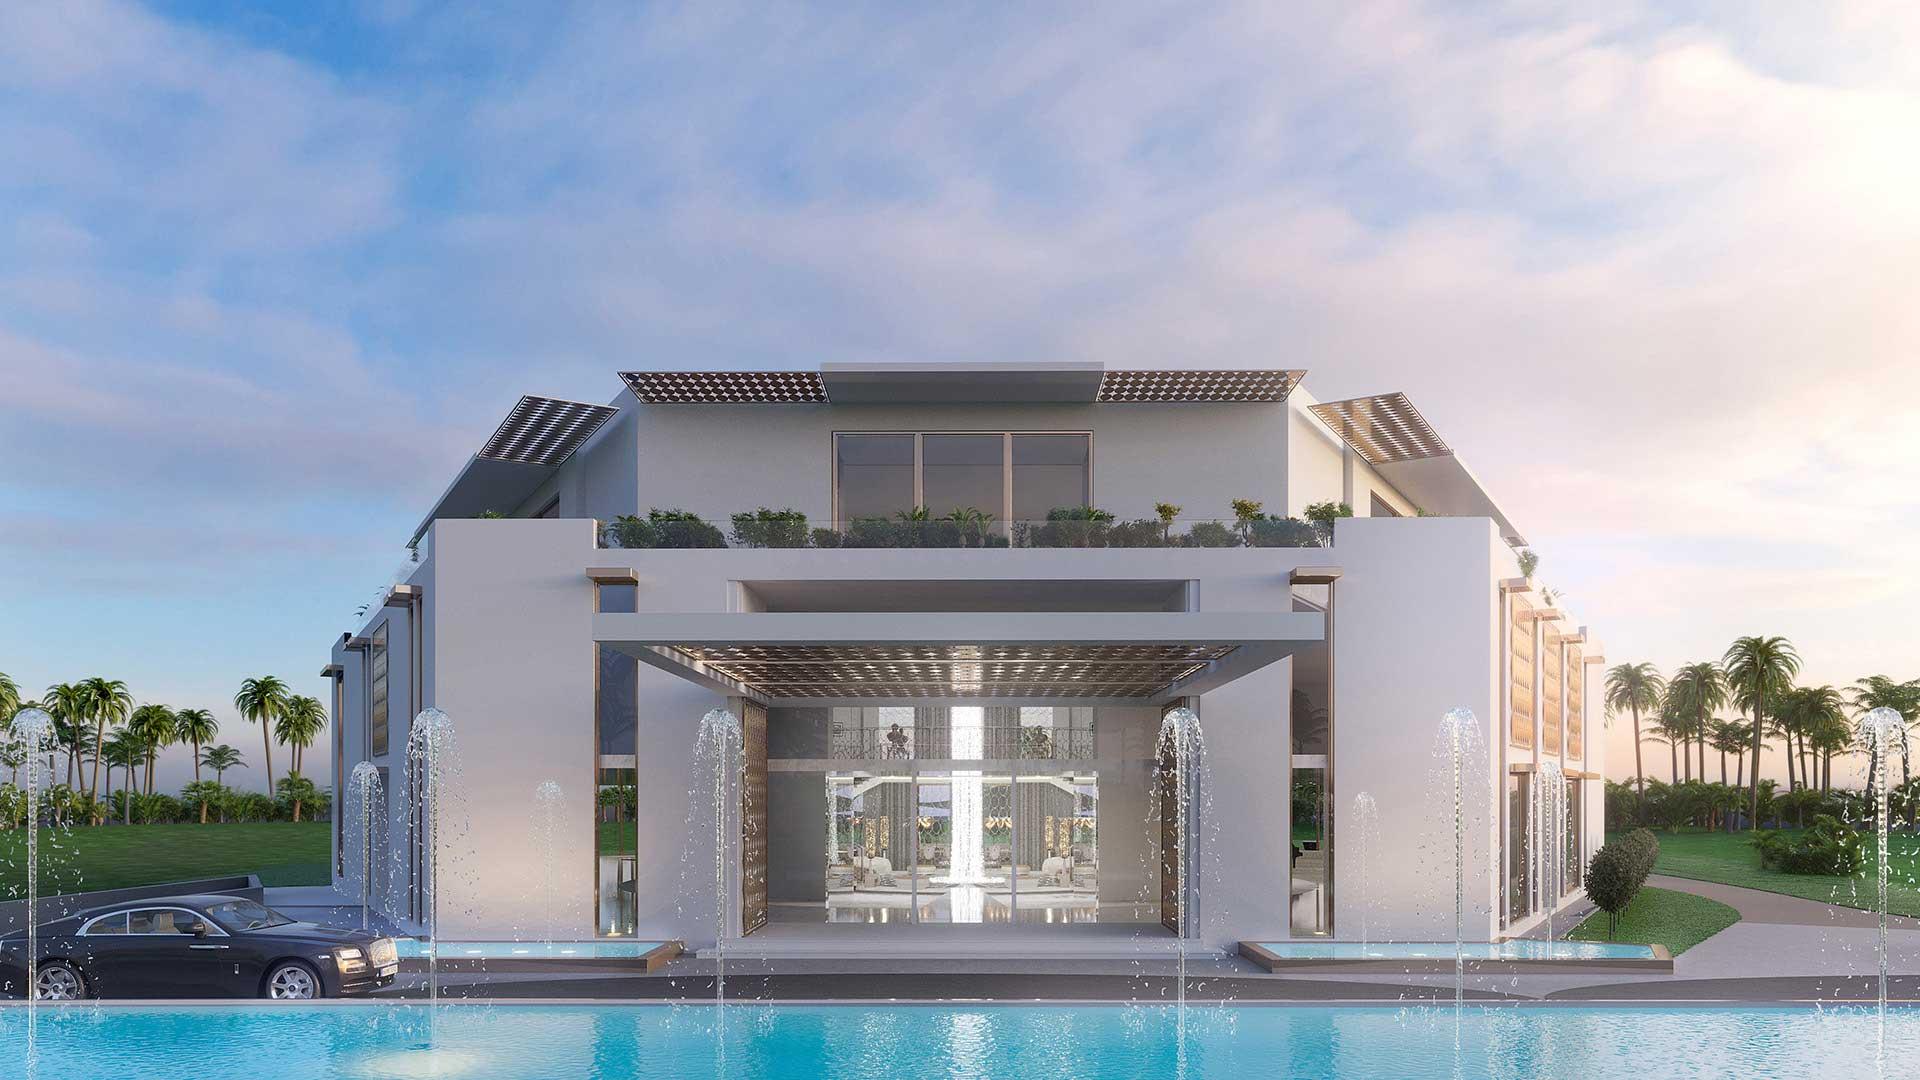 Rendu 3D d'une villa ultra luxe pour un projet immobilier.